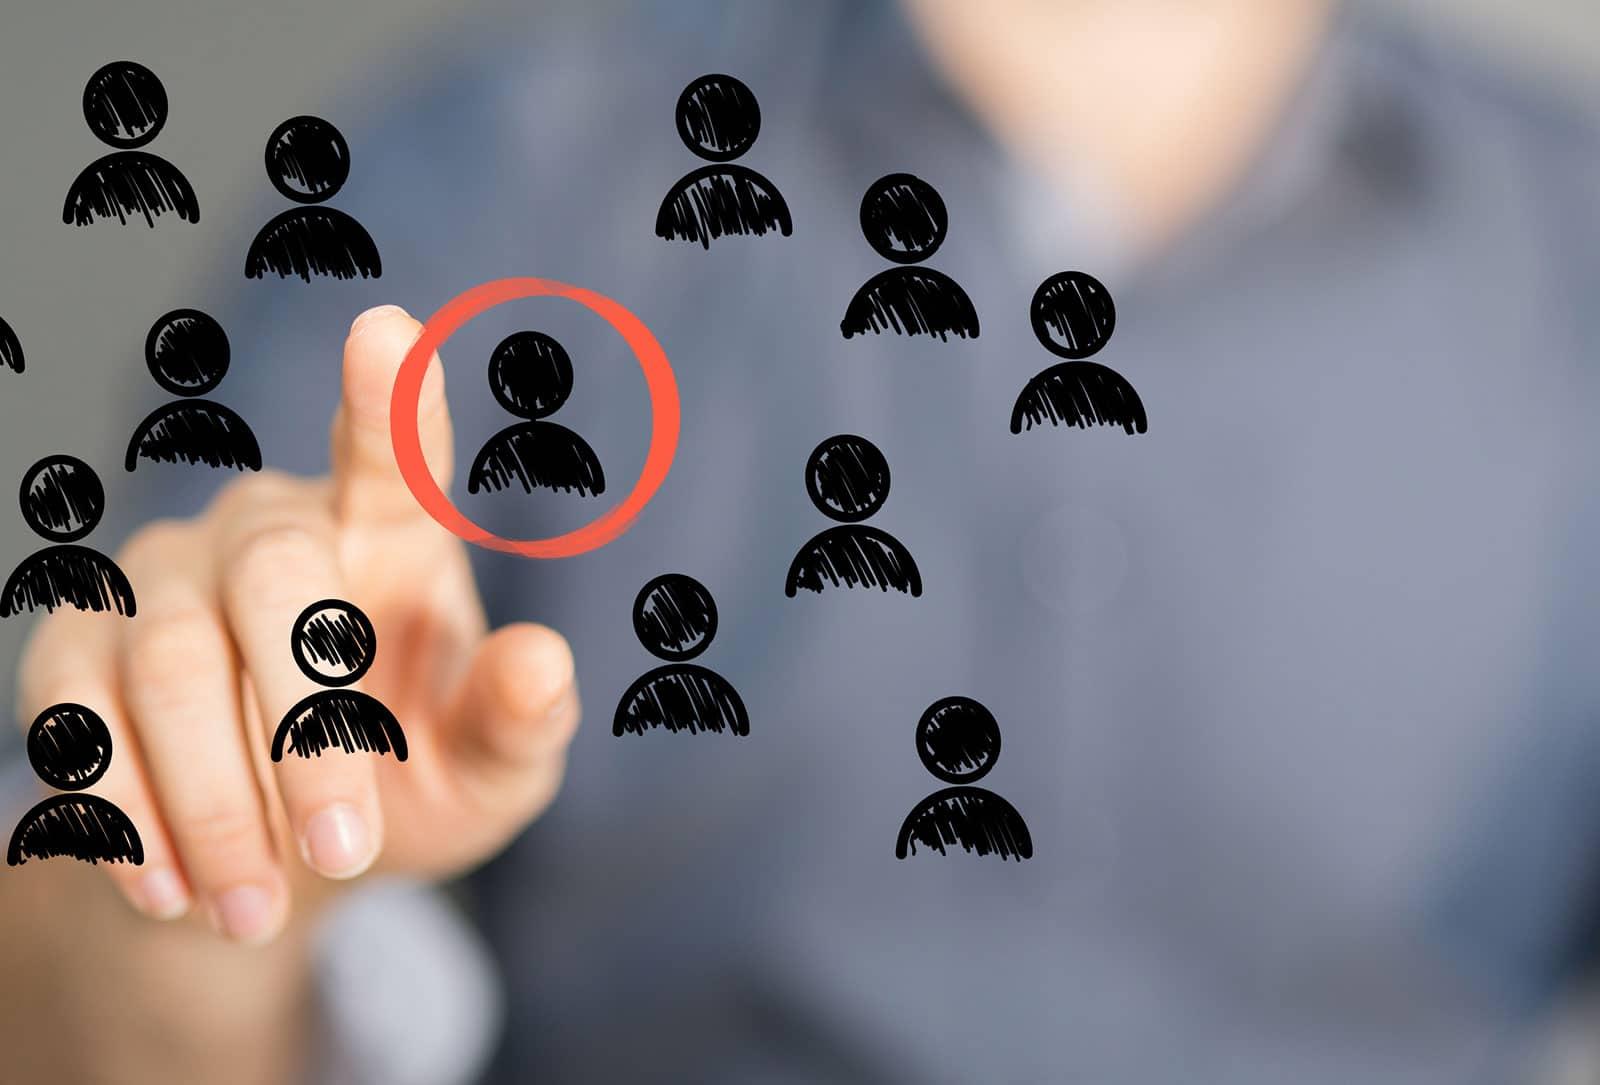 Fünf einfache Ideen, mit denen Sie Ihre Kunden reaktivieren